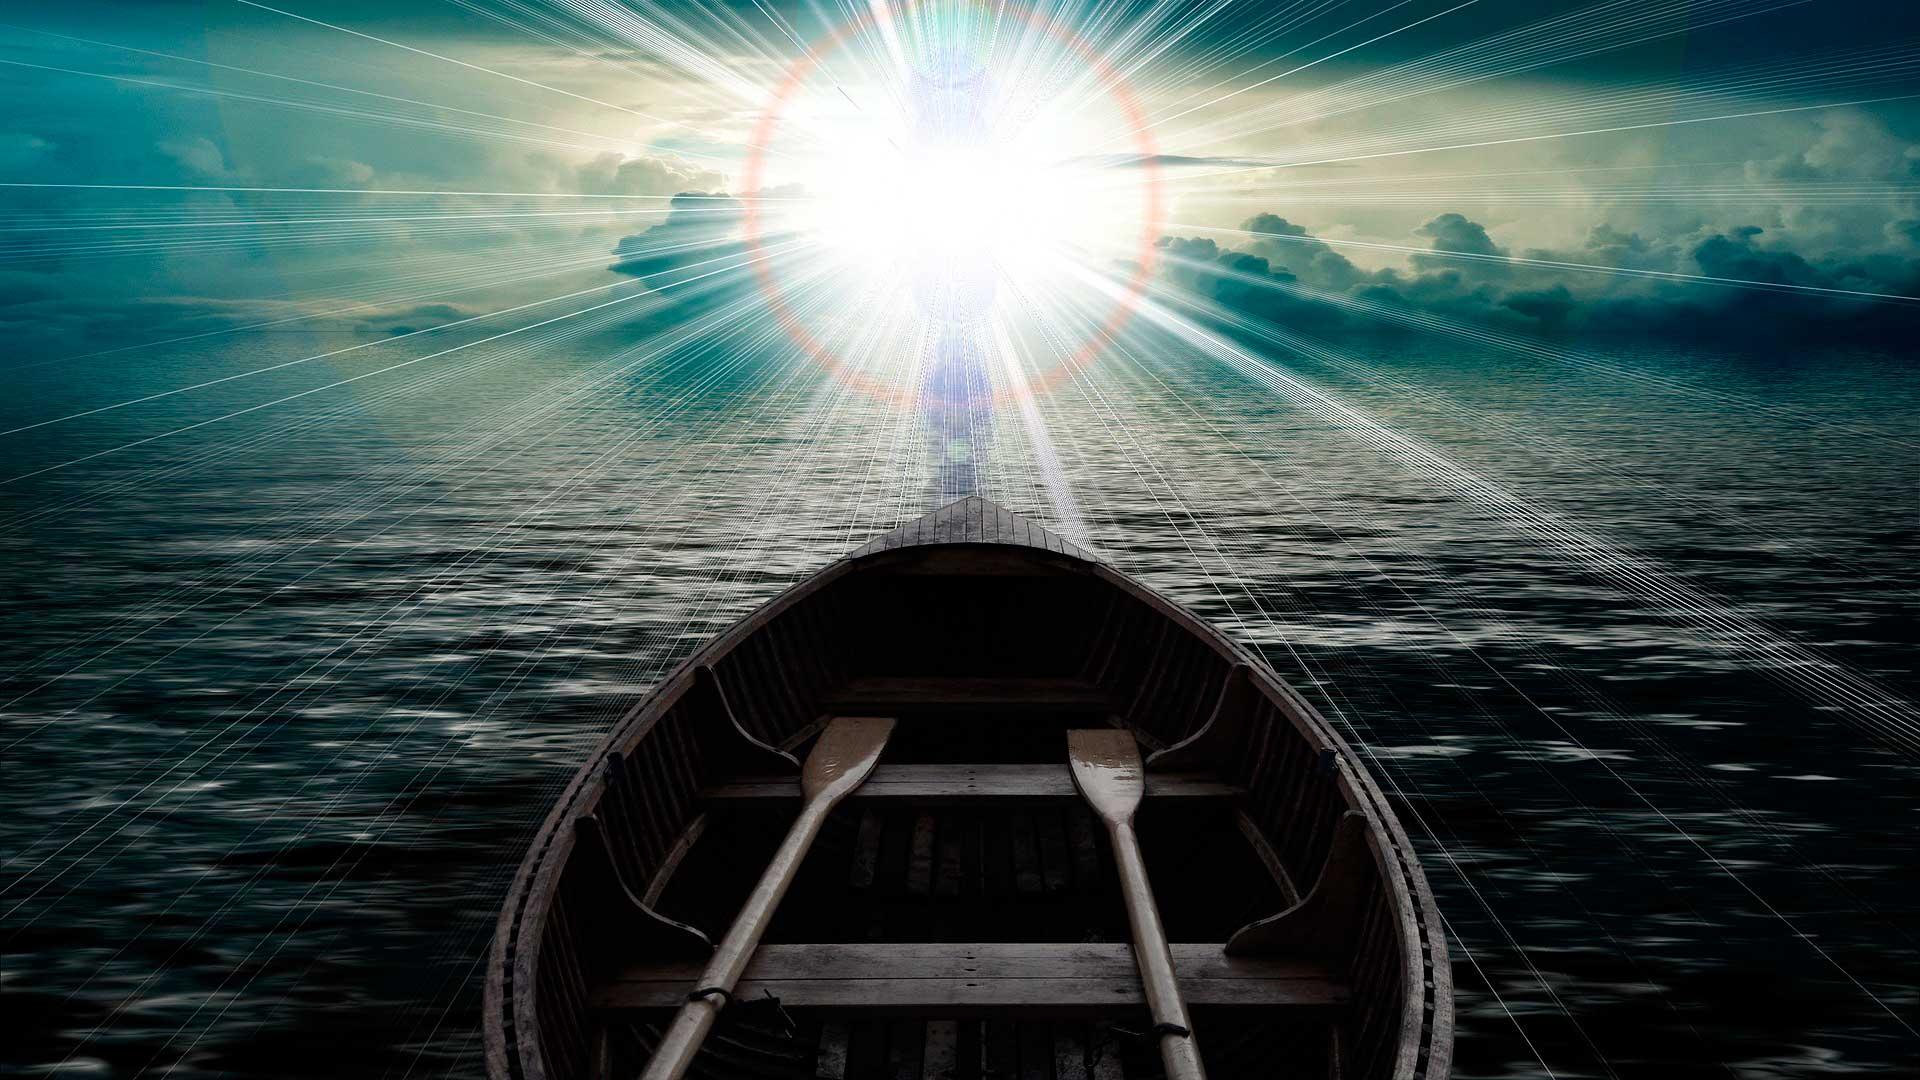 y-si-buscas-la-verdad-en-el-mas-aca-el-salto-de-consciencia-3